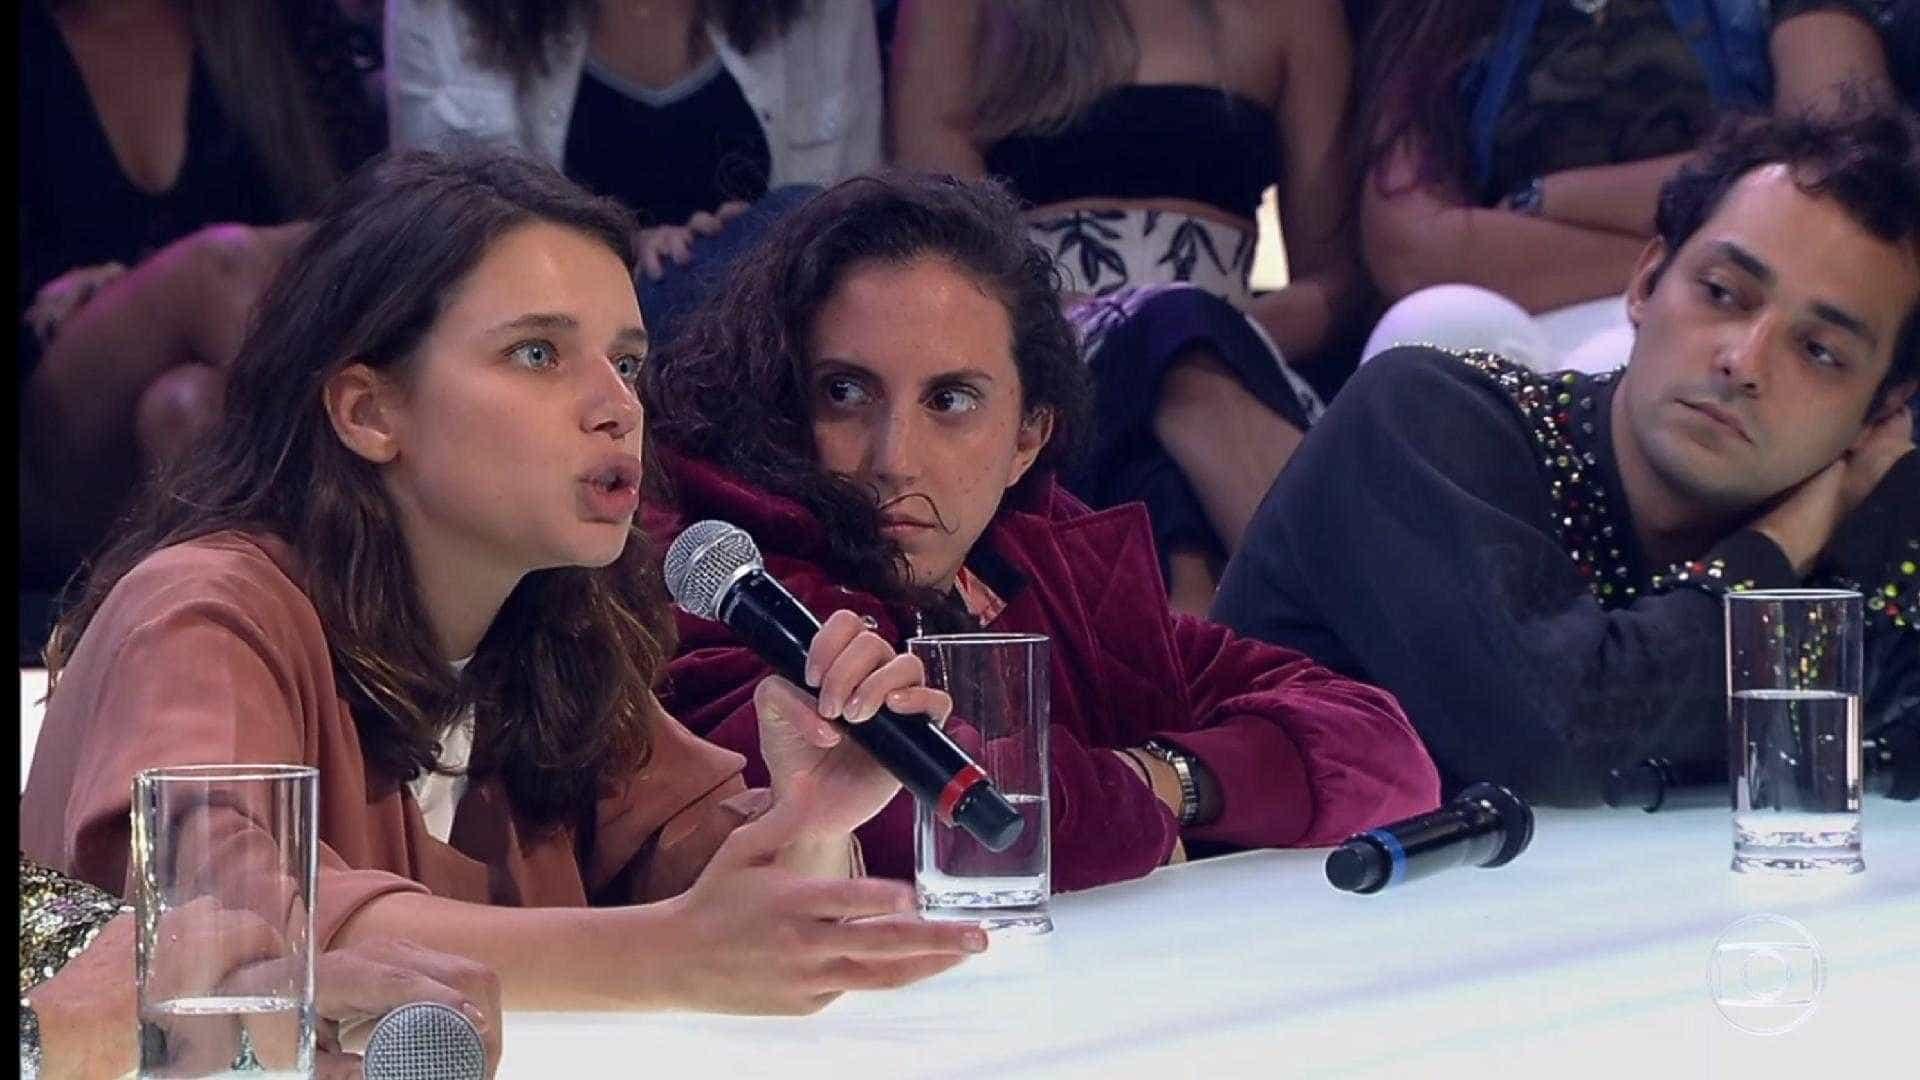 'Não sou só sapatão, sou o que eu quiser', diz Bruna Linzmeyer